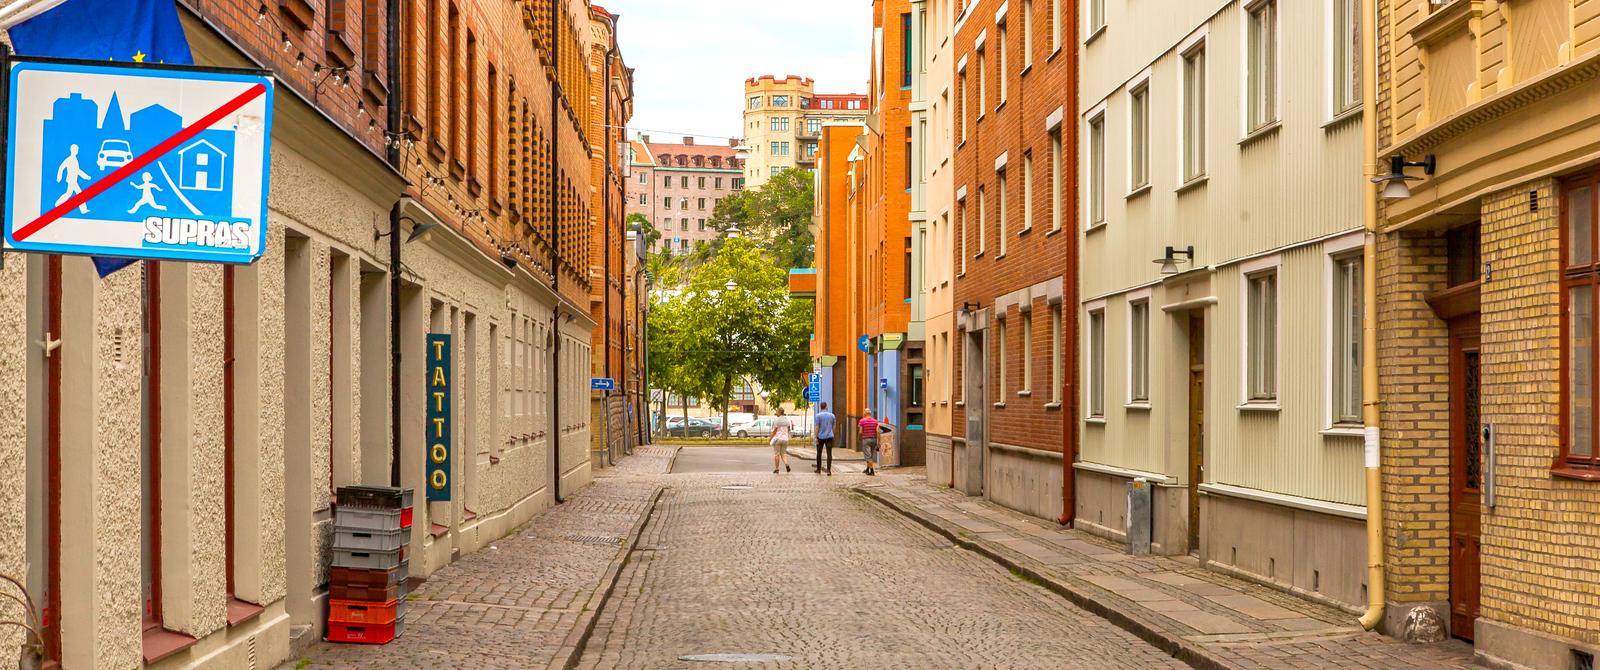 瑞典哥德堡,整洁漂亮的小巷